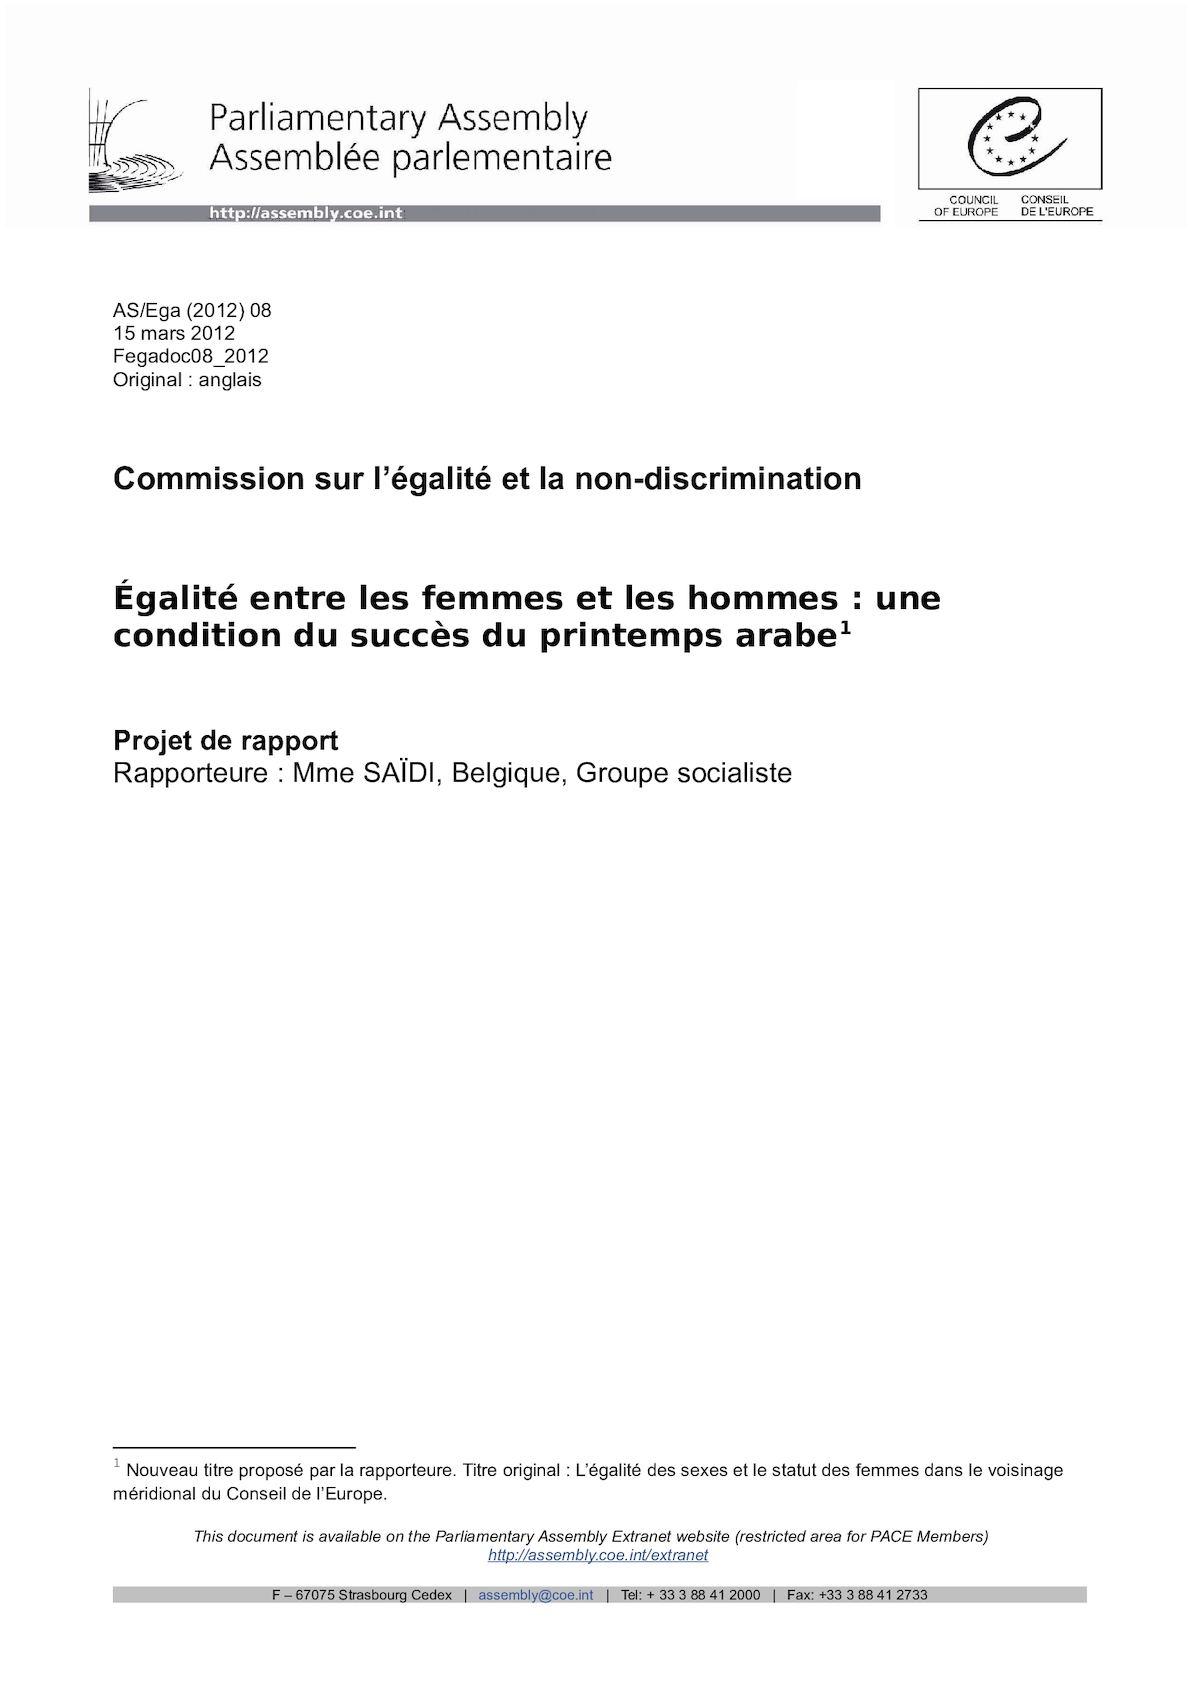 Fegadoc08 2012 - Egalite Entre Les Femmes Et Les Hommes